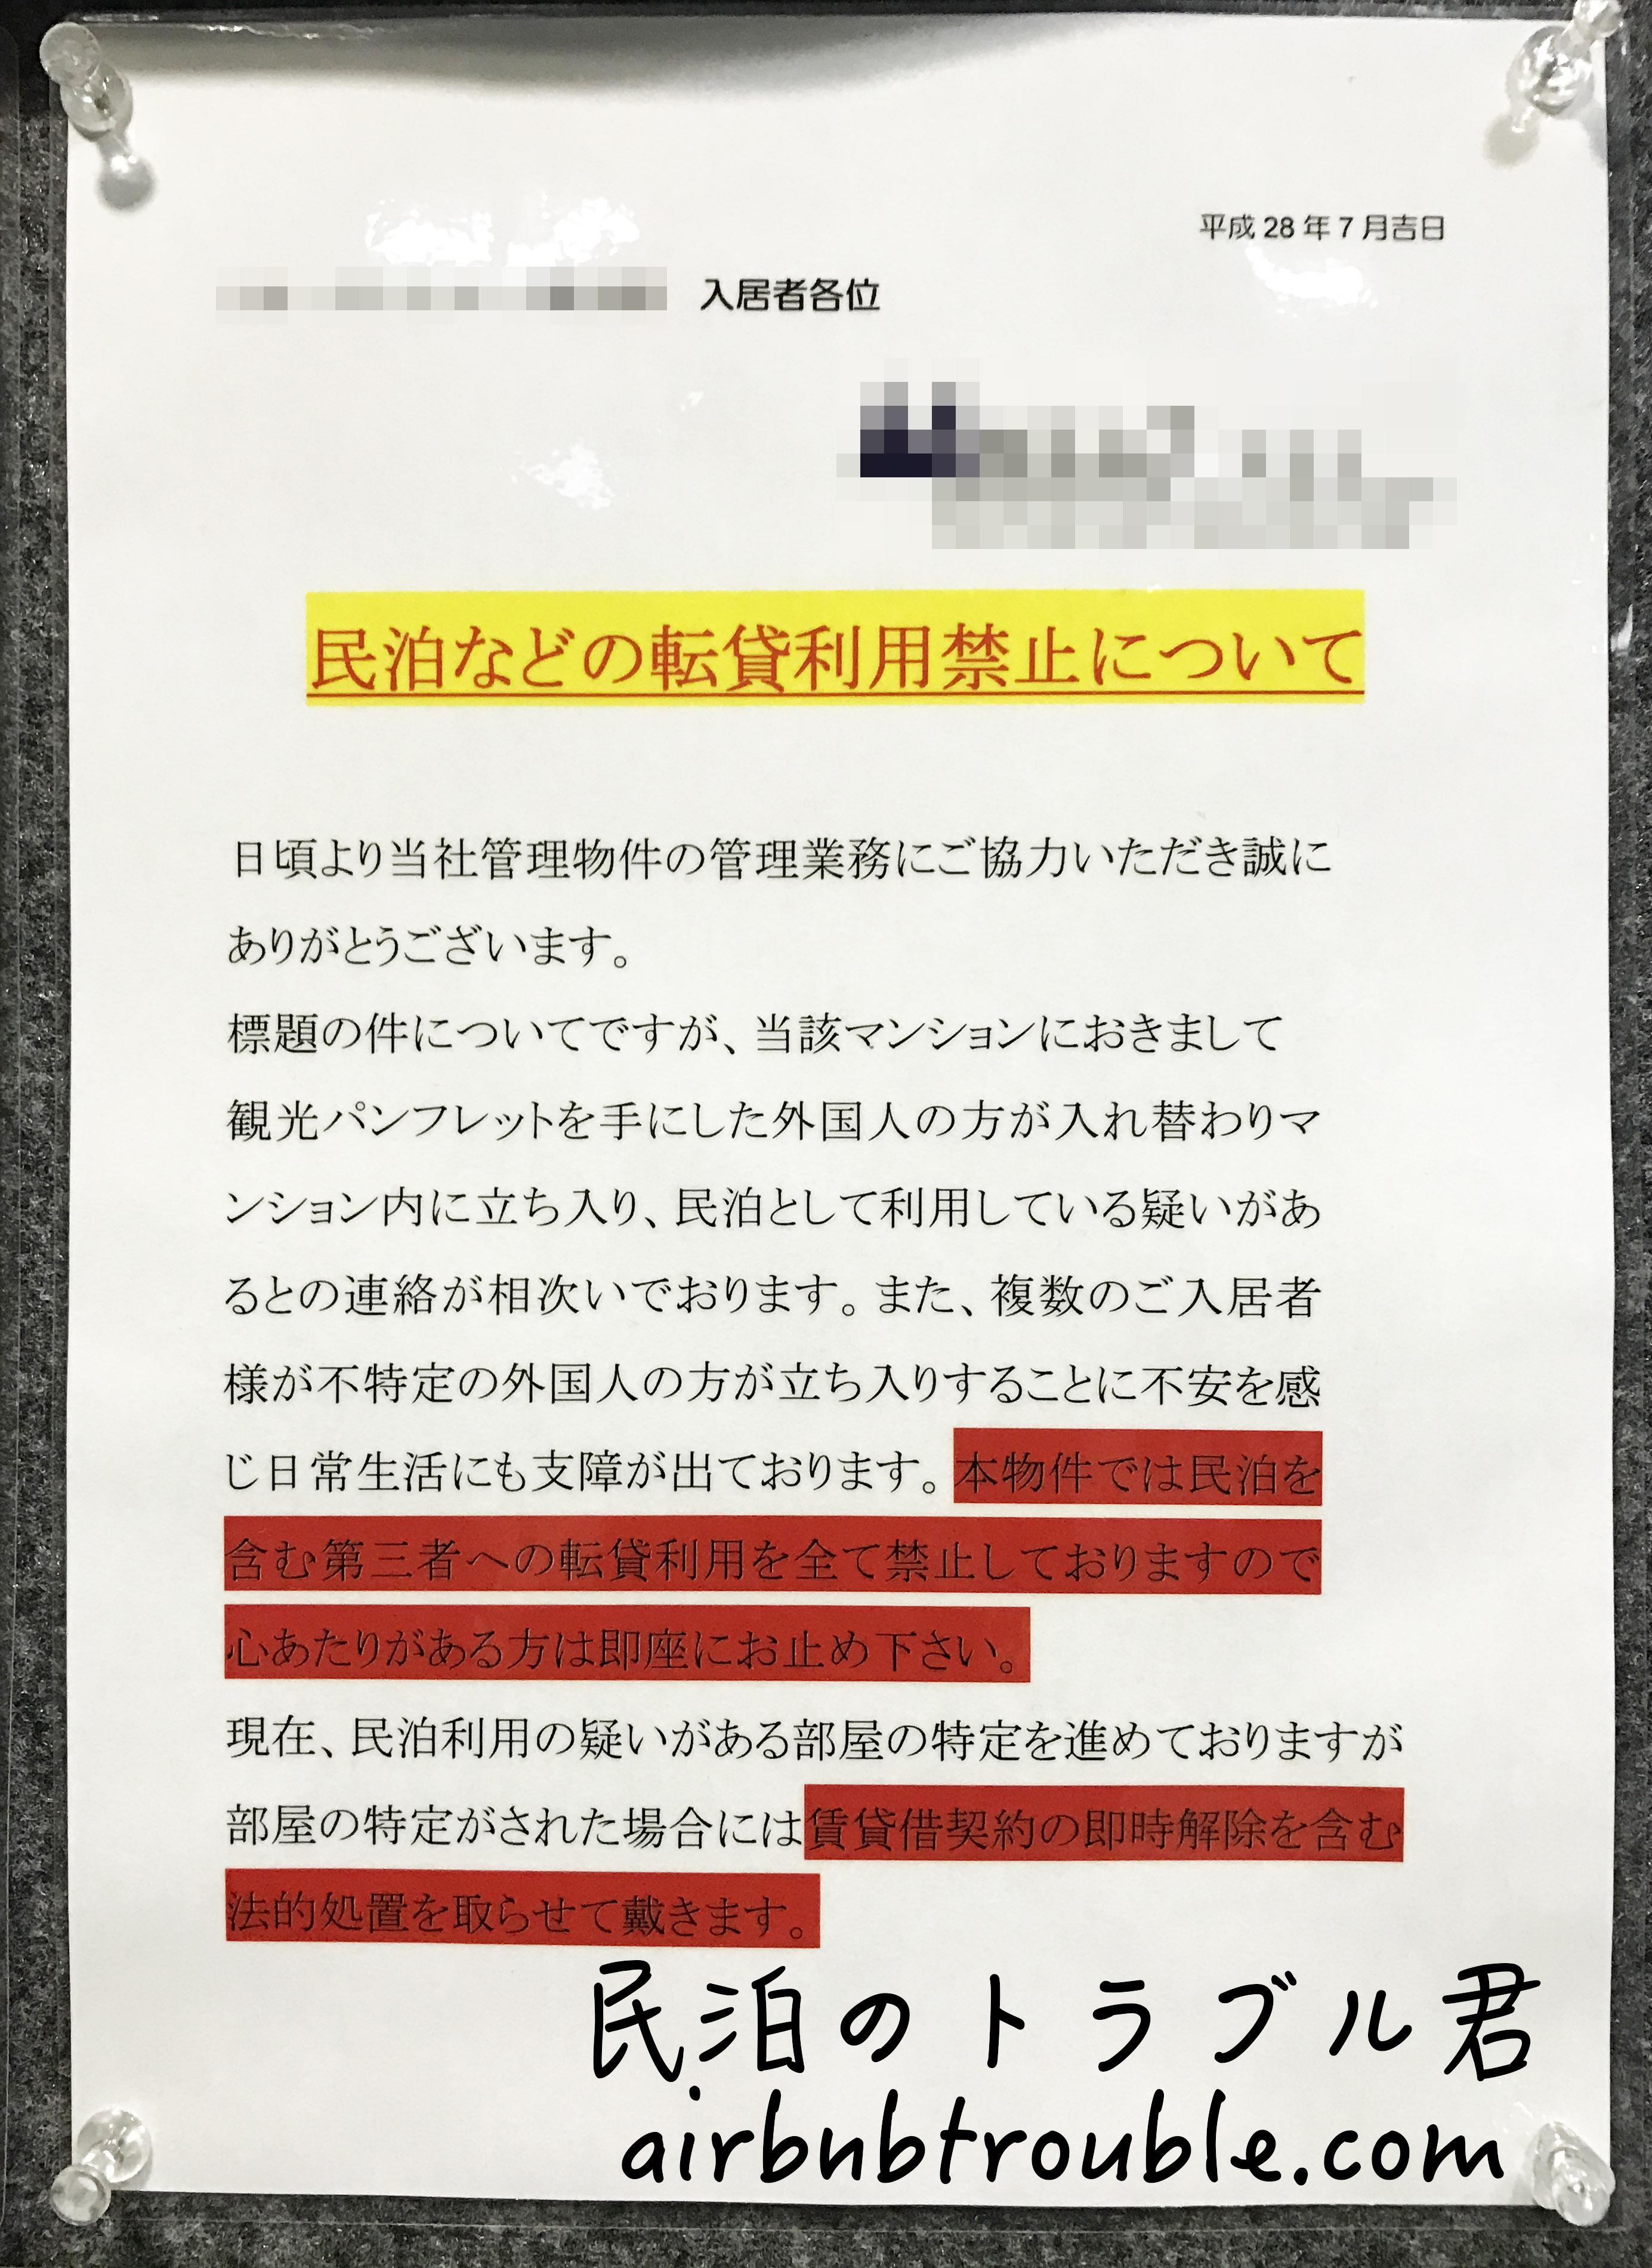 【注意喚起】共有部に管理会社から注意の張り紙が貼られました。